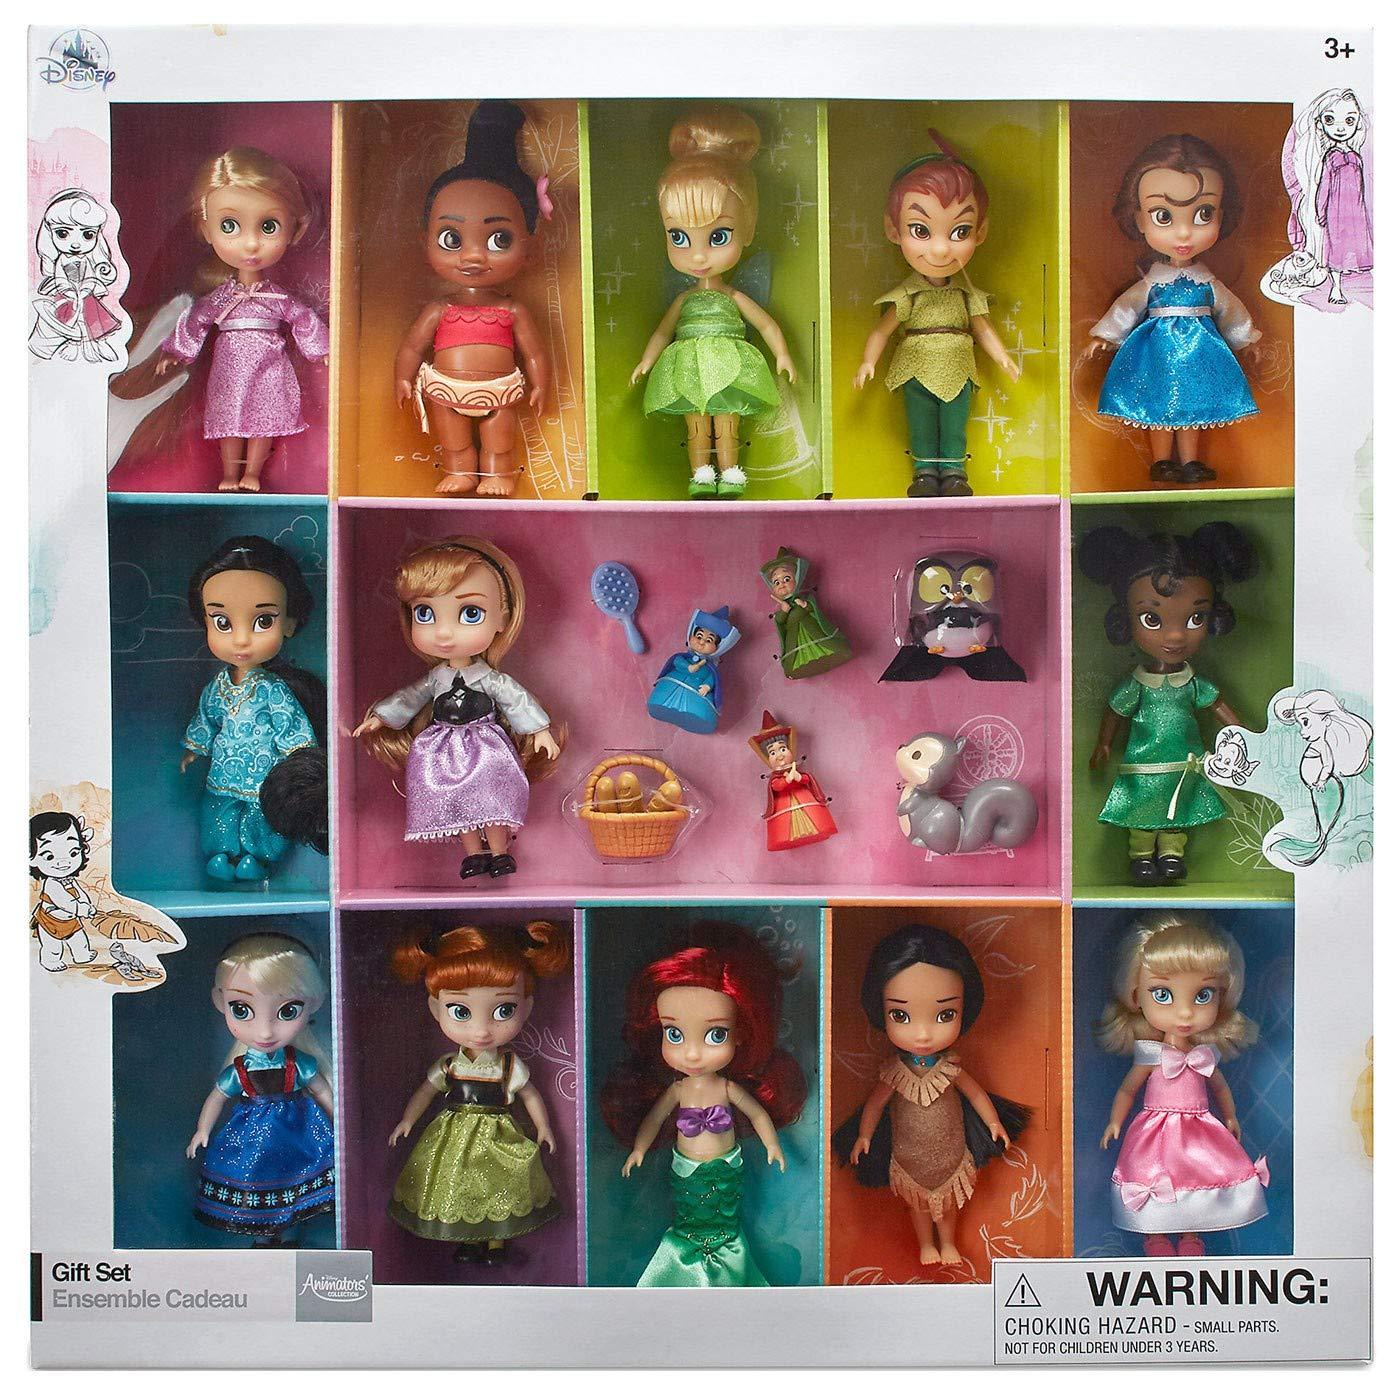 若者の大愛商品 Disney - Animators' B07GHSV5HM Collection Disney Mini Doll Gift Set - 13cm B07GHSV5HM, ジムニーアルマージ:ba3d62b1 --- pmod.ru